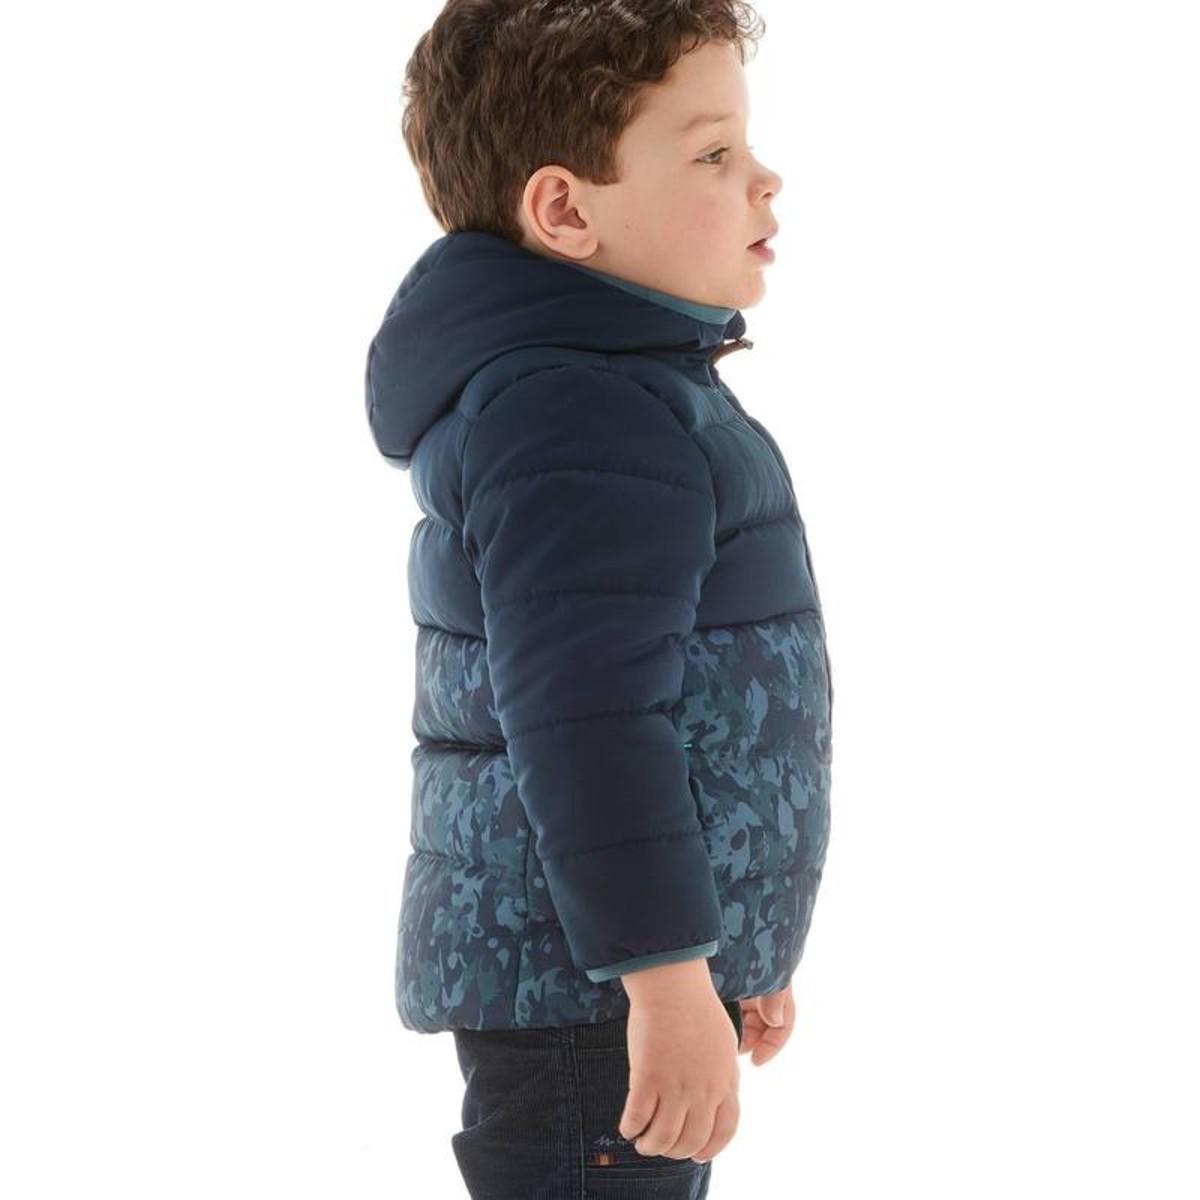 Bild 5 von QUECHUA Wattierte Jacke X-Warm Kinder blau, Größe: 2 J. - Gr. 86